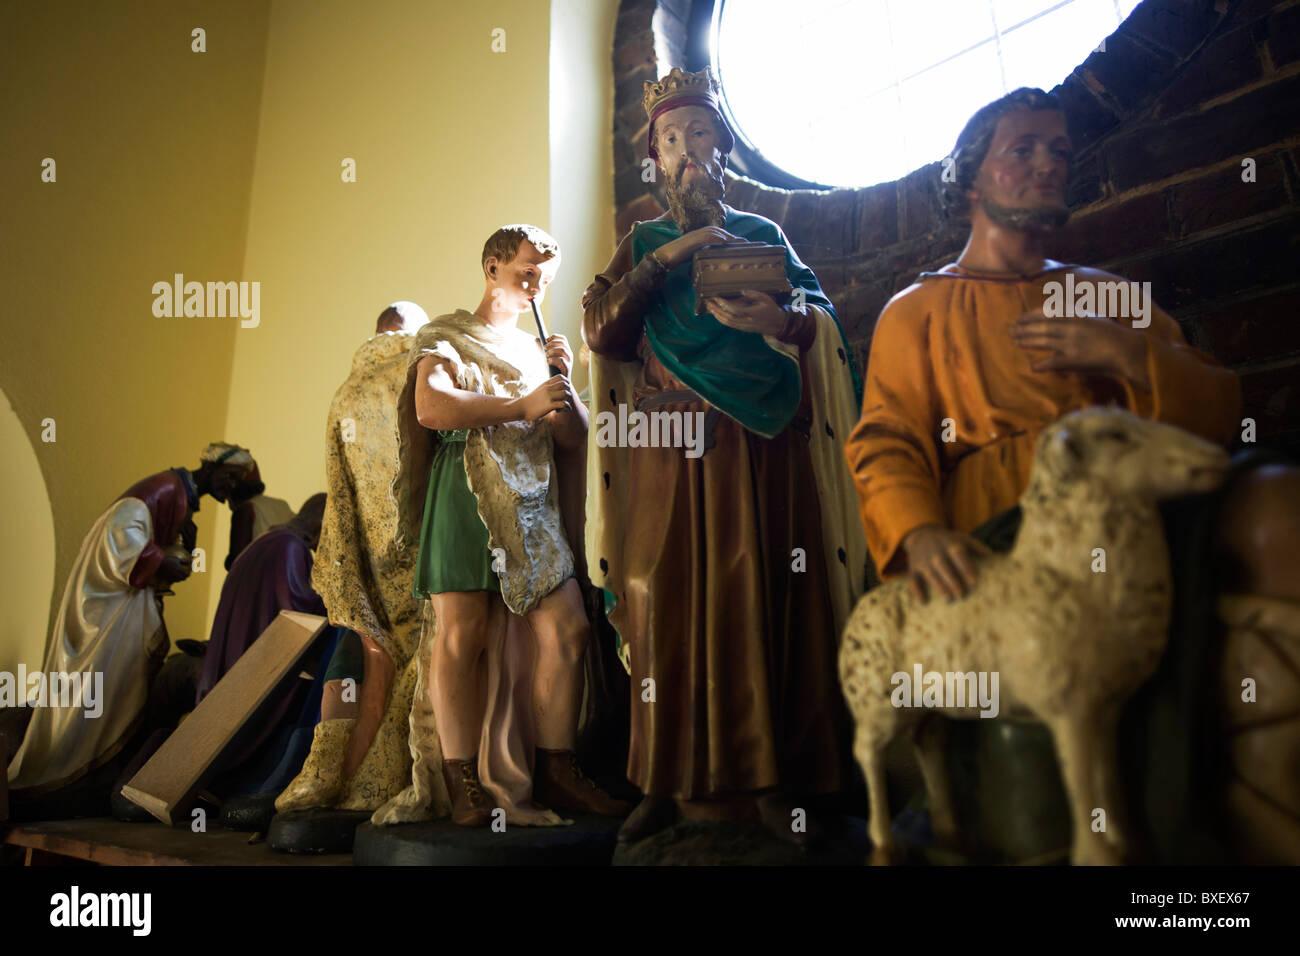 Biblisches Thema Stockfotos & Biblisches Thema Bilder - Alamy